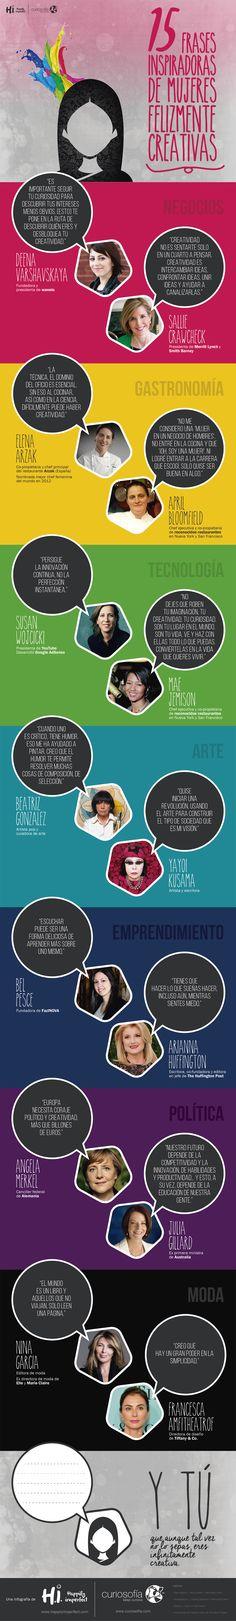 Este es un homenaje a esas mujeres que tanto admiramos, que demuestran que la creatividad  se puede usar en cualquier aspecto de la vida.